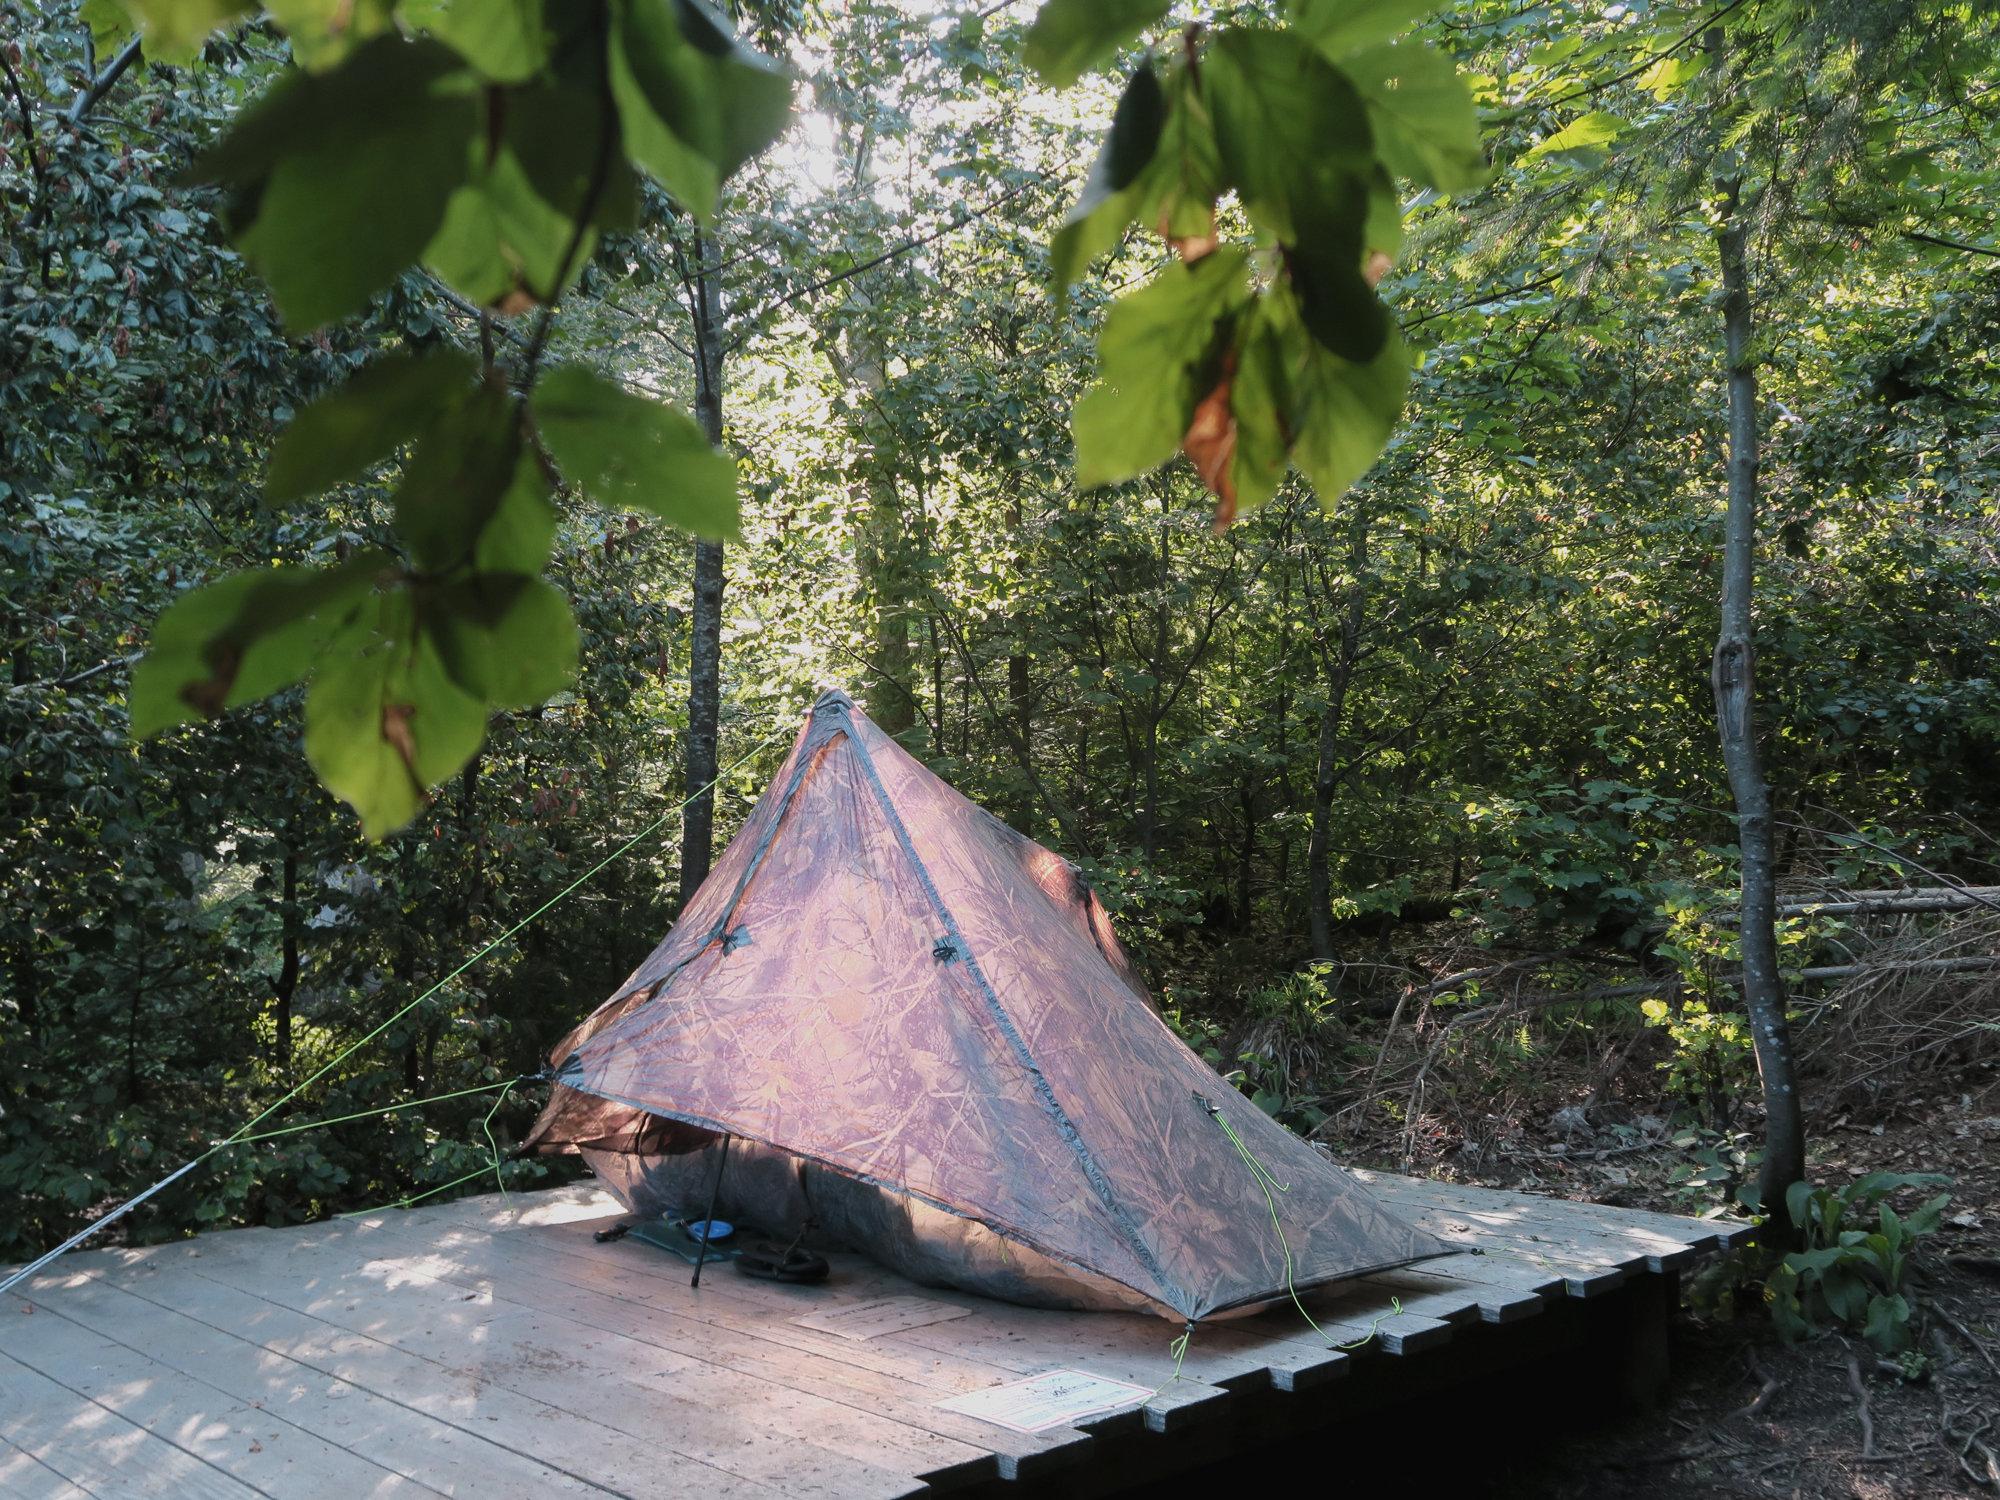 Holzplattform des Trekking-Camps Seibelseckle mit Zelt in der Abendsonne